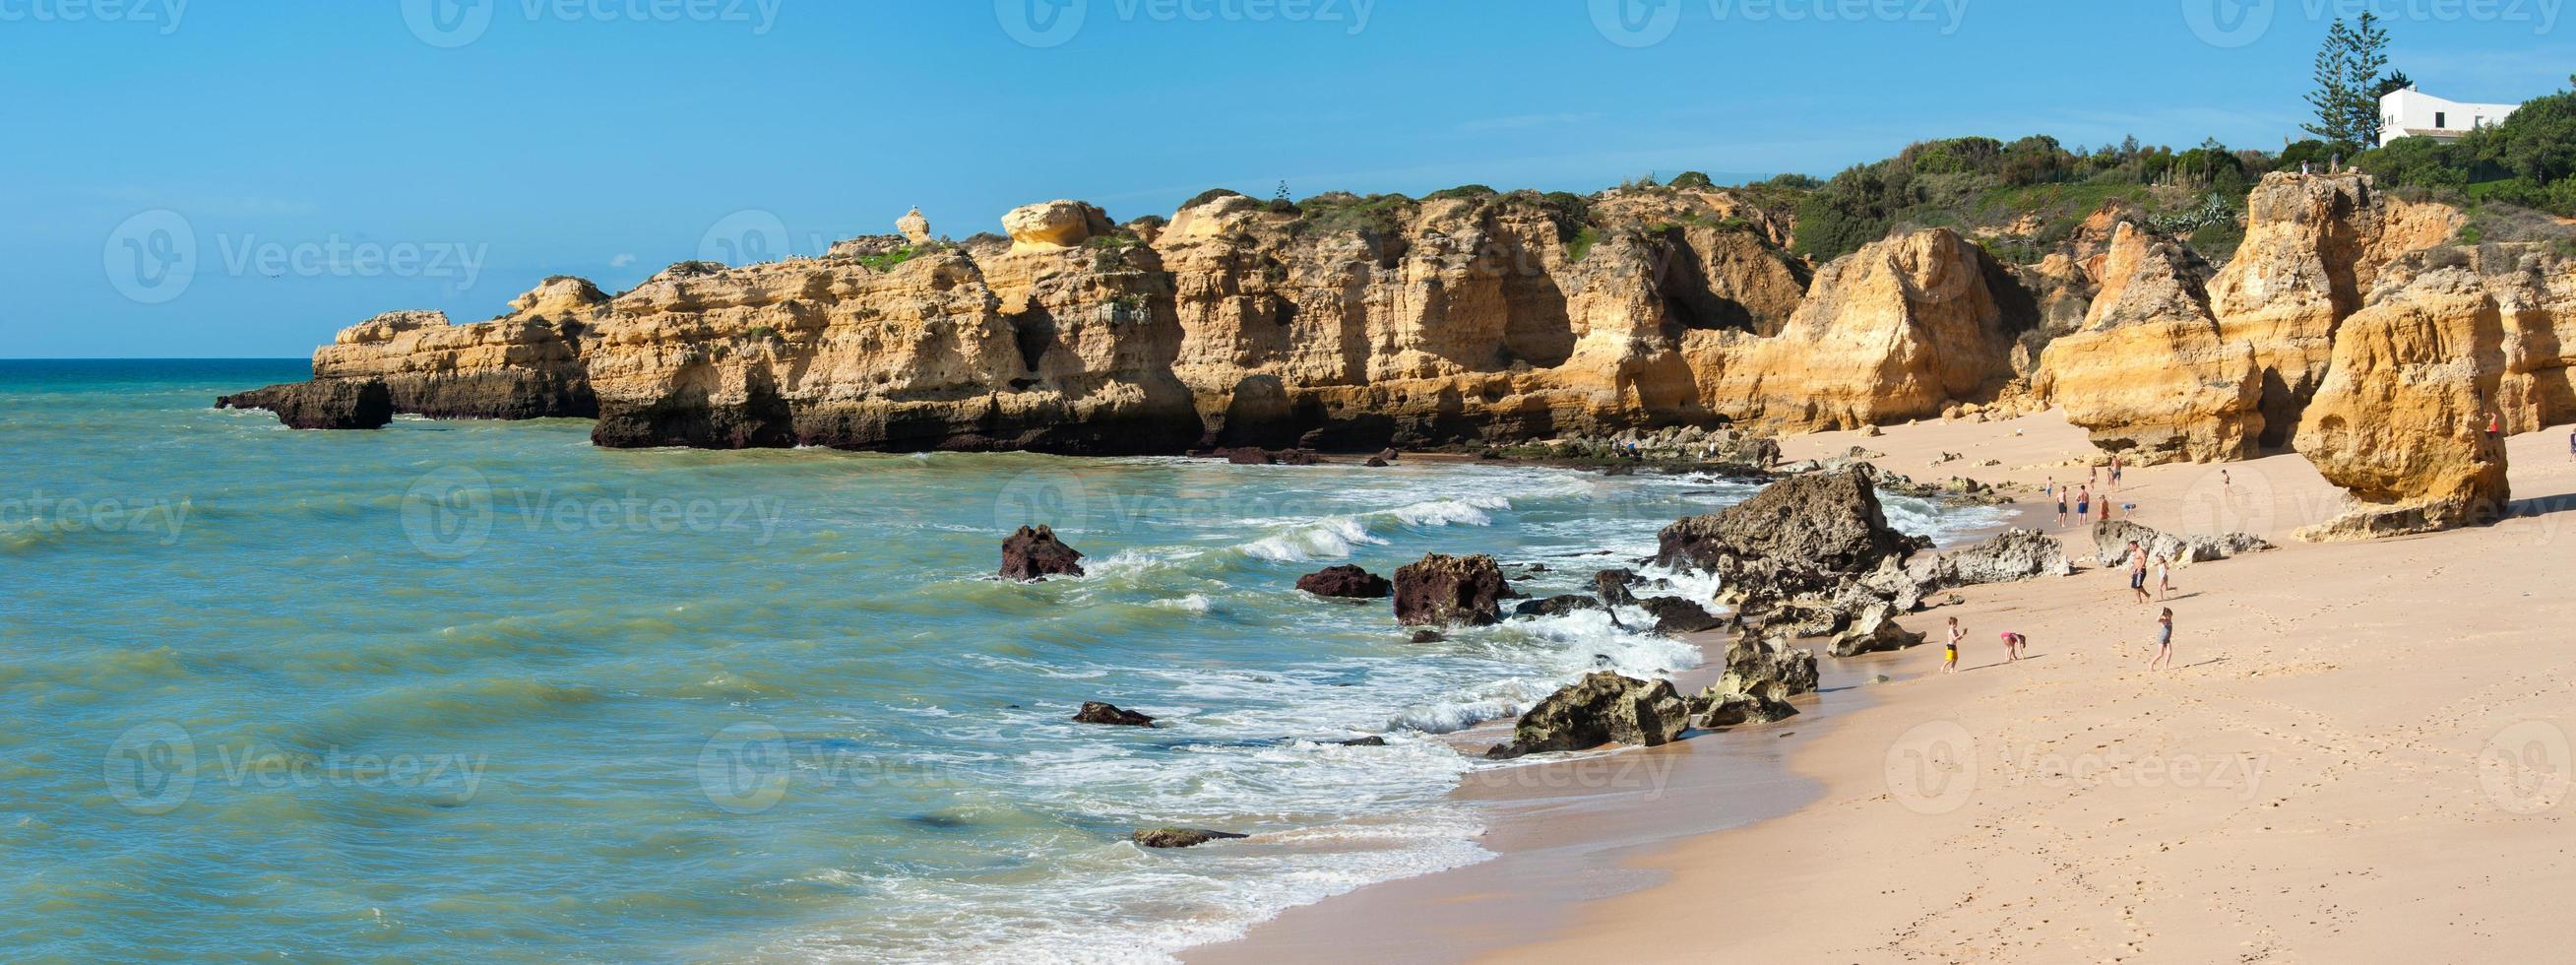 praia de sao rafael, algarve, portugal photo